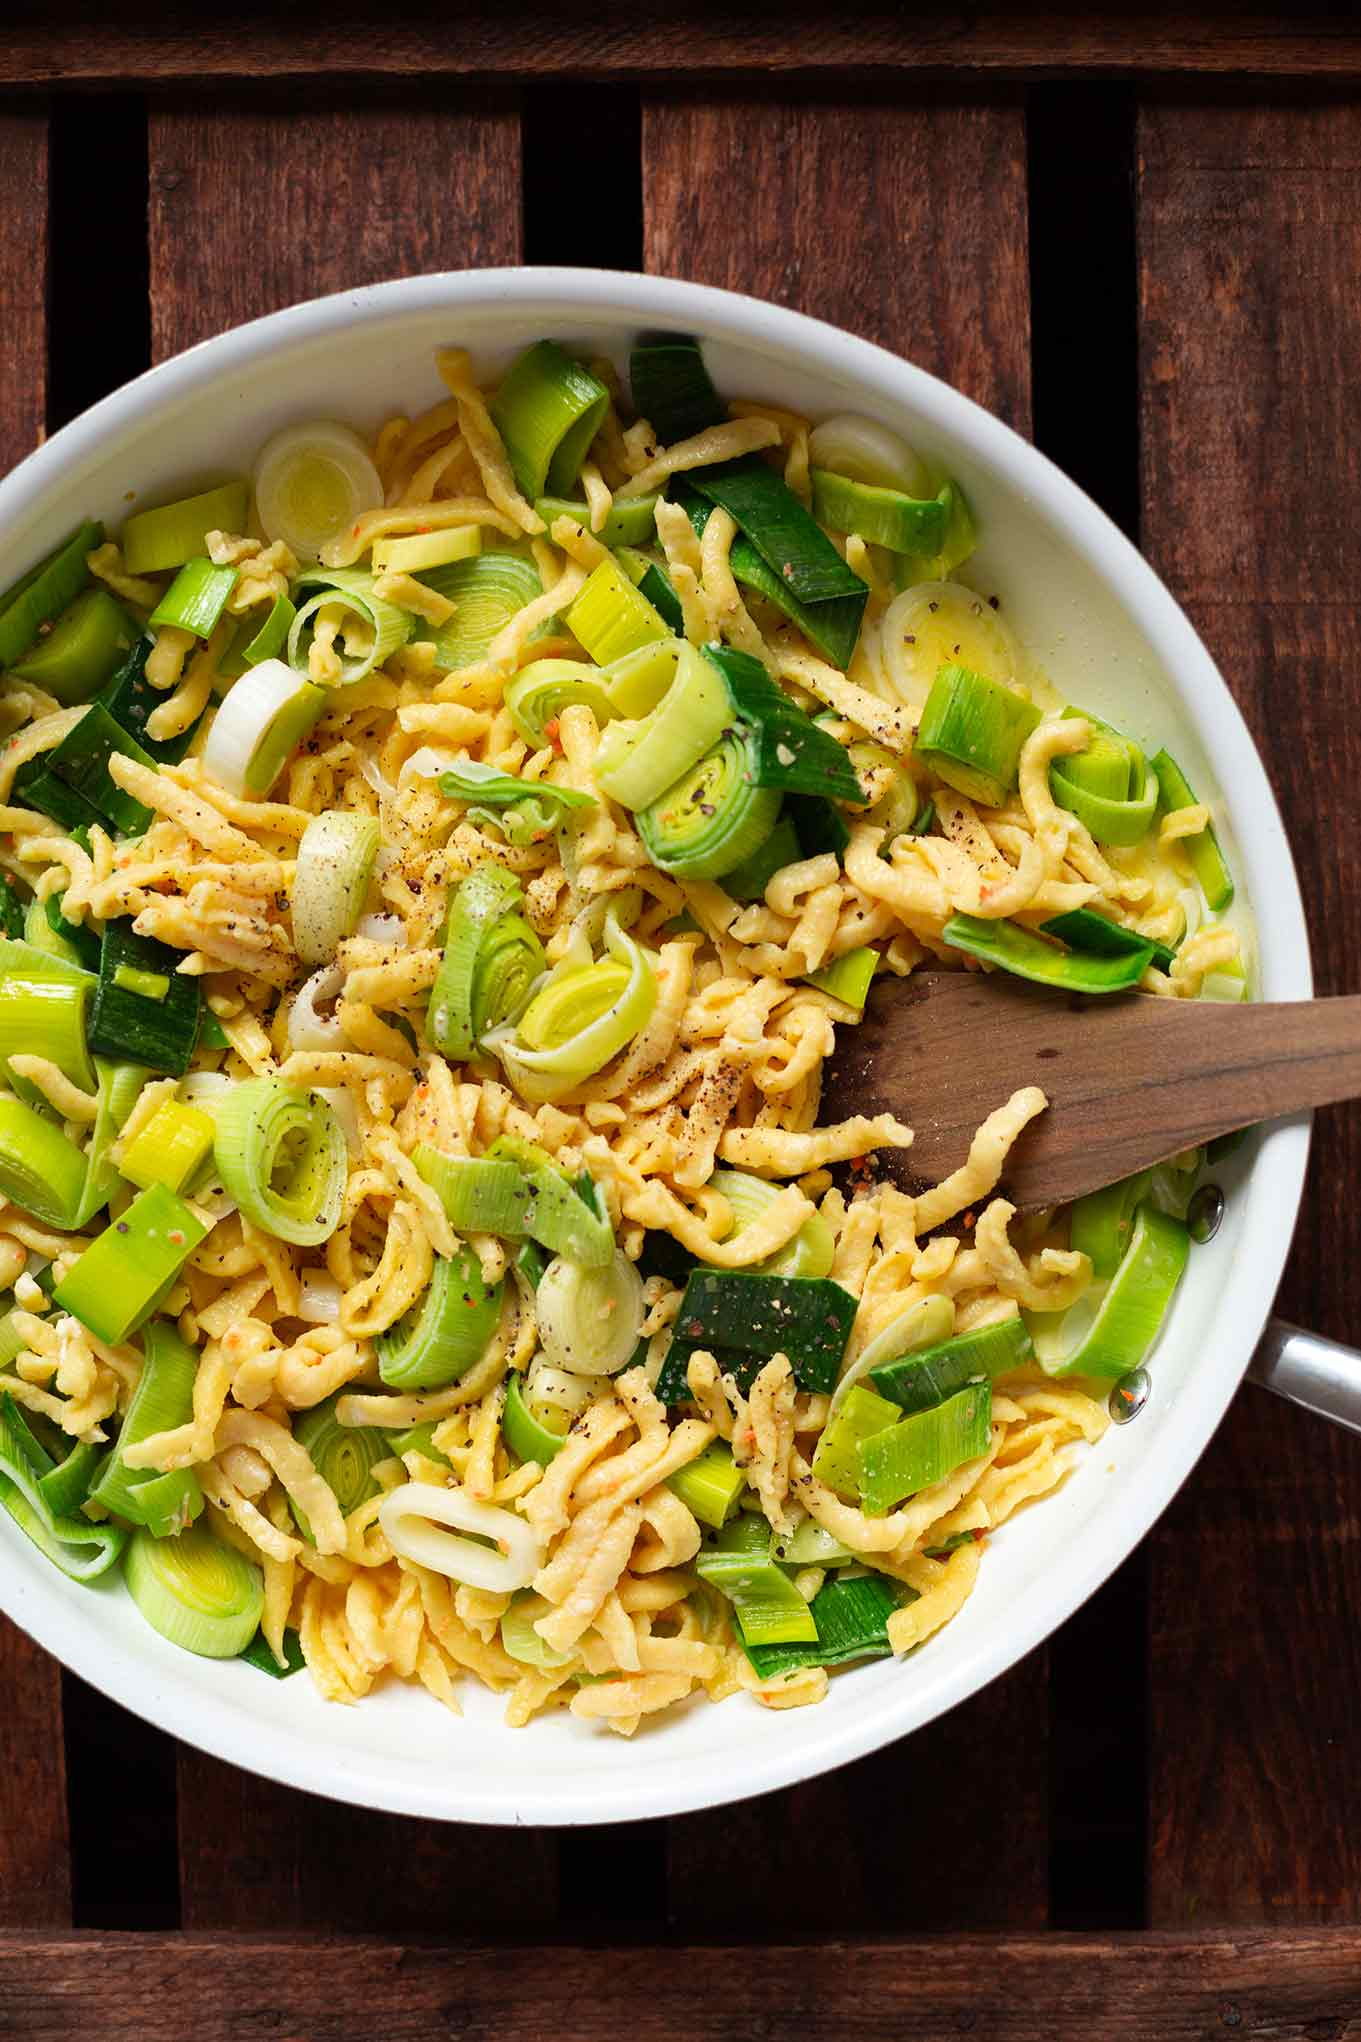 Dieser einfache SpDieser einfache Spätzle-Lauch-Auflauf besteht aus nur 5-Zutaten und ist ganz fix zubereitet. Absolutes Soulfood für euer schnelles Abendessen. Herzhaft, vegetarisch und super lecker. Kochkarussell - dein Foodblog für gesundes Soulfood und schnelle Feierabend Rezepteätzle-Lauch-Auflauf besteht nur aus 5-Zutaten Rezept. Absolutes Soulfood für euer schnelles Abendessen. Herzhaft, vegetarisch und super lecker. Kochkarussell - dein Foodblog für gesundes Soulfood und schneller Feierabend Rezepte